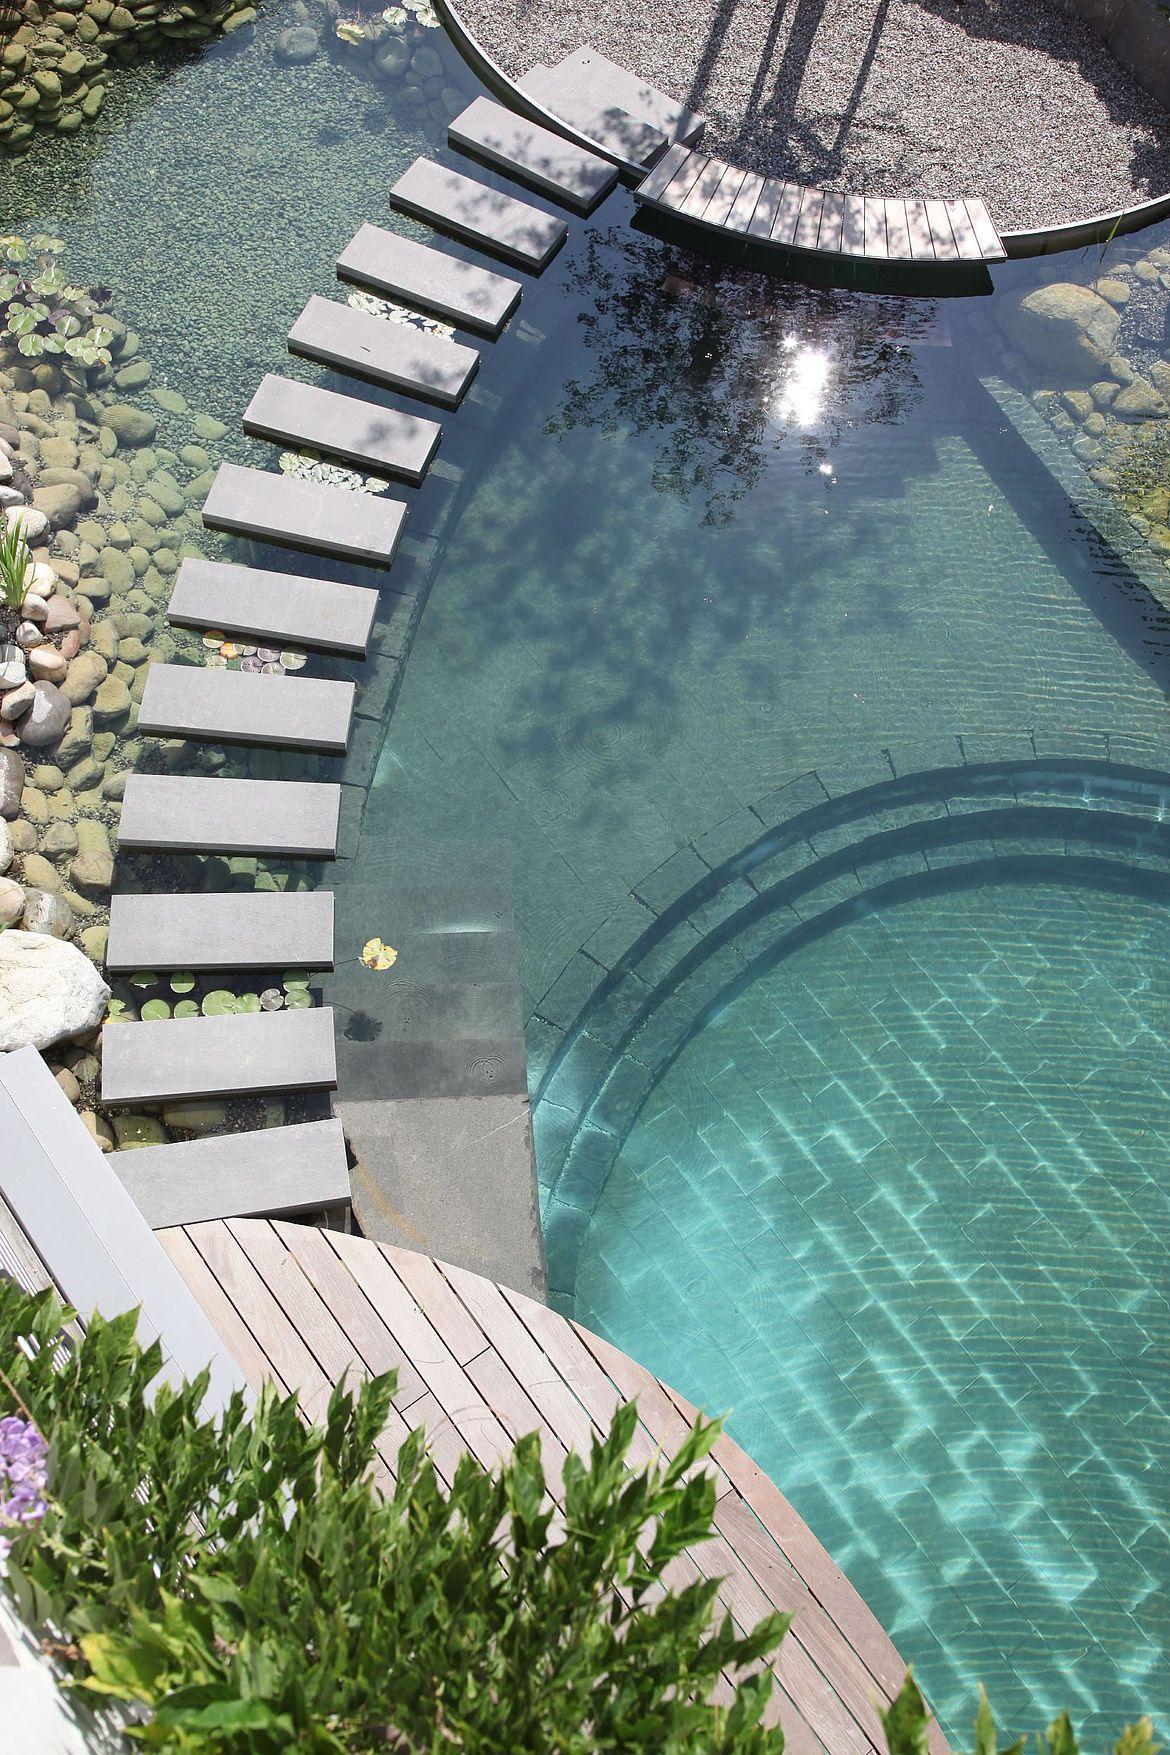 Schwimmteich teich pool teichgestaltung nat rlich gro modern elegant home pinterest for Brunnen modern wasserfall